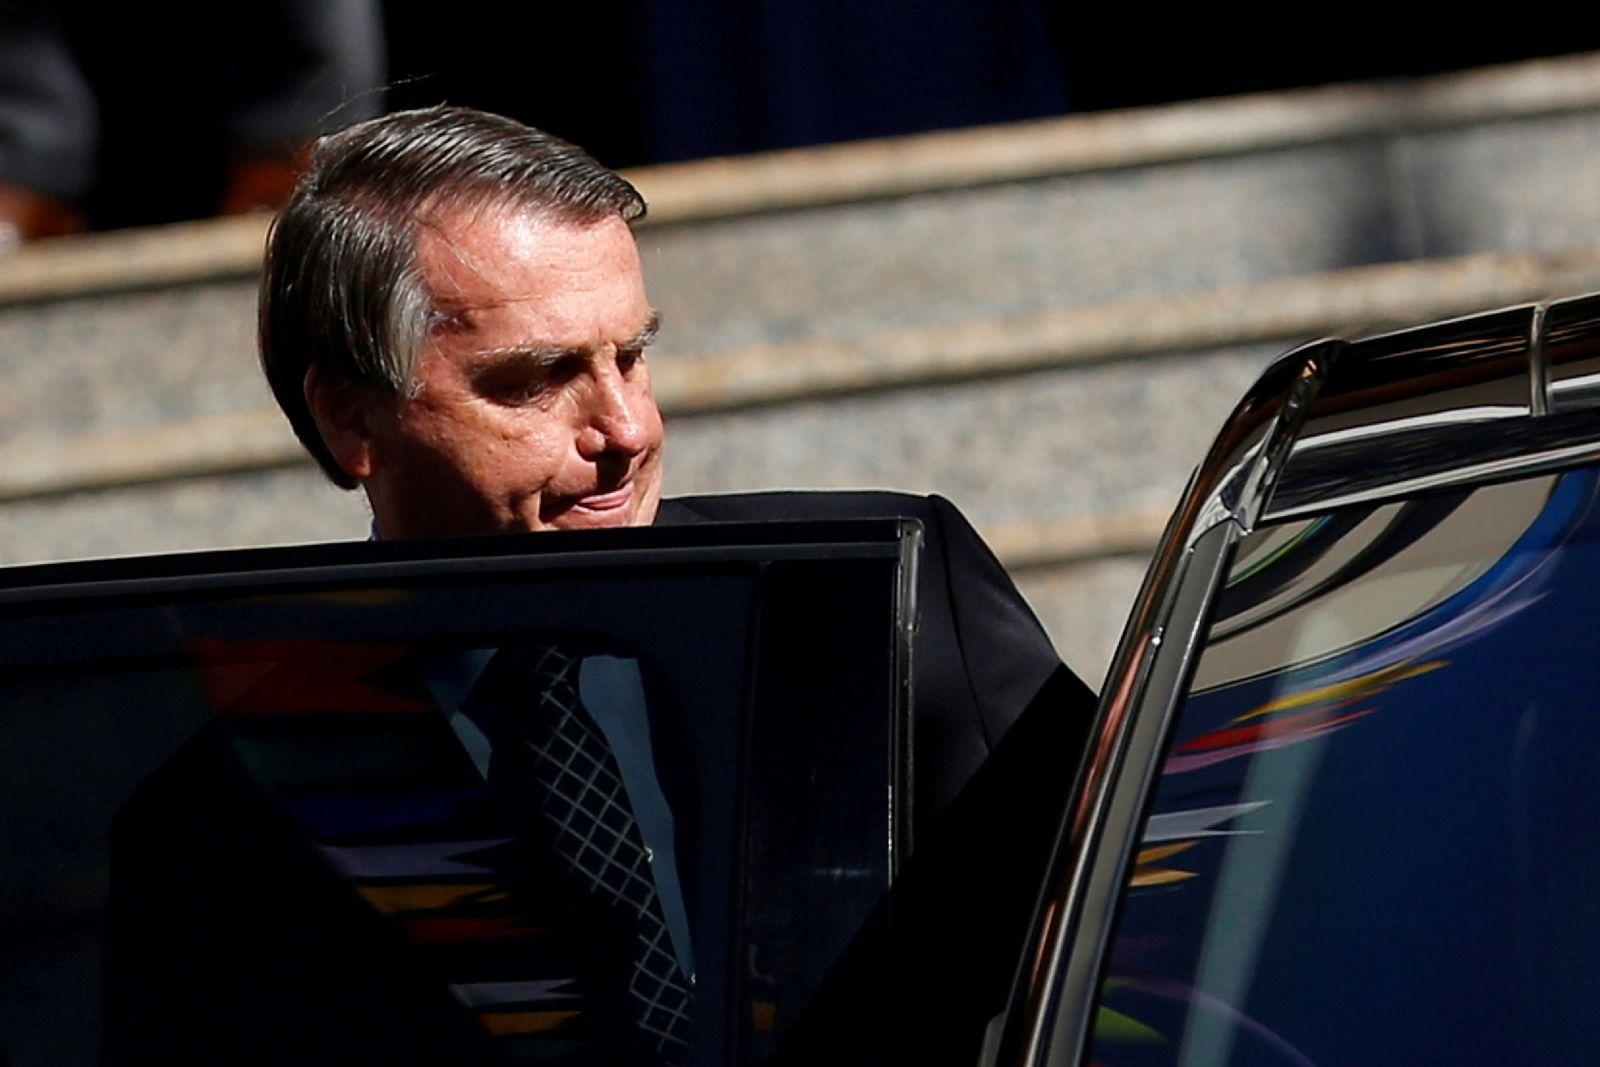 FILE PHOTO: Brazil's President Jair Bolsonaro walks from Catholic church in Brasilia